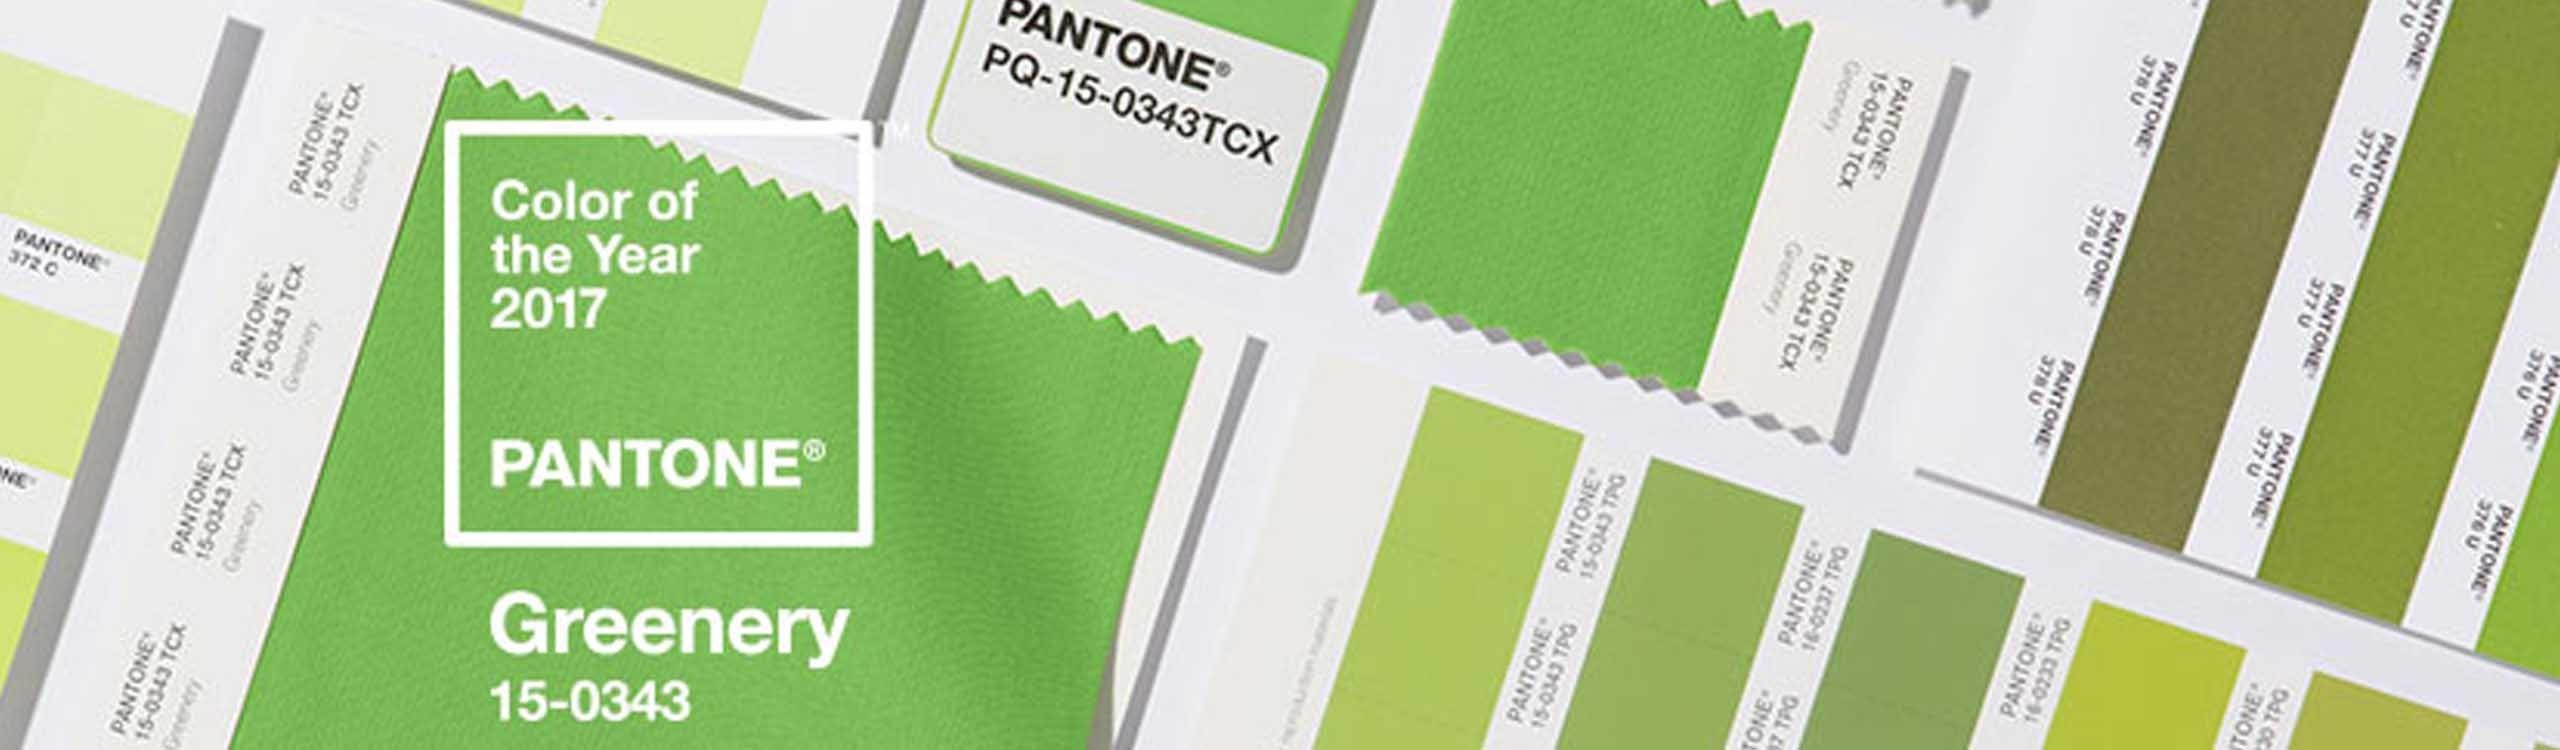 greenery-pantone-mis-gafas-de-pasta-destacado